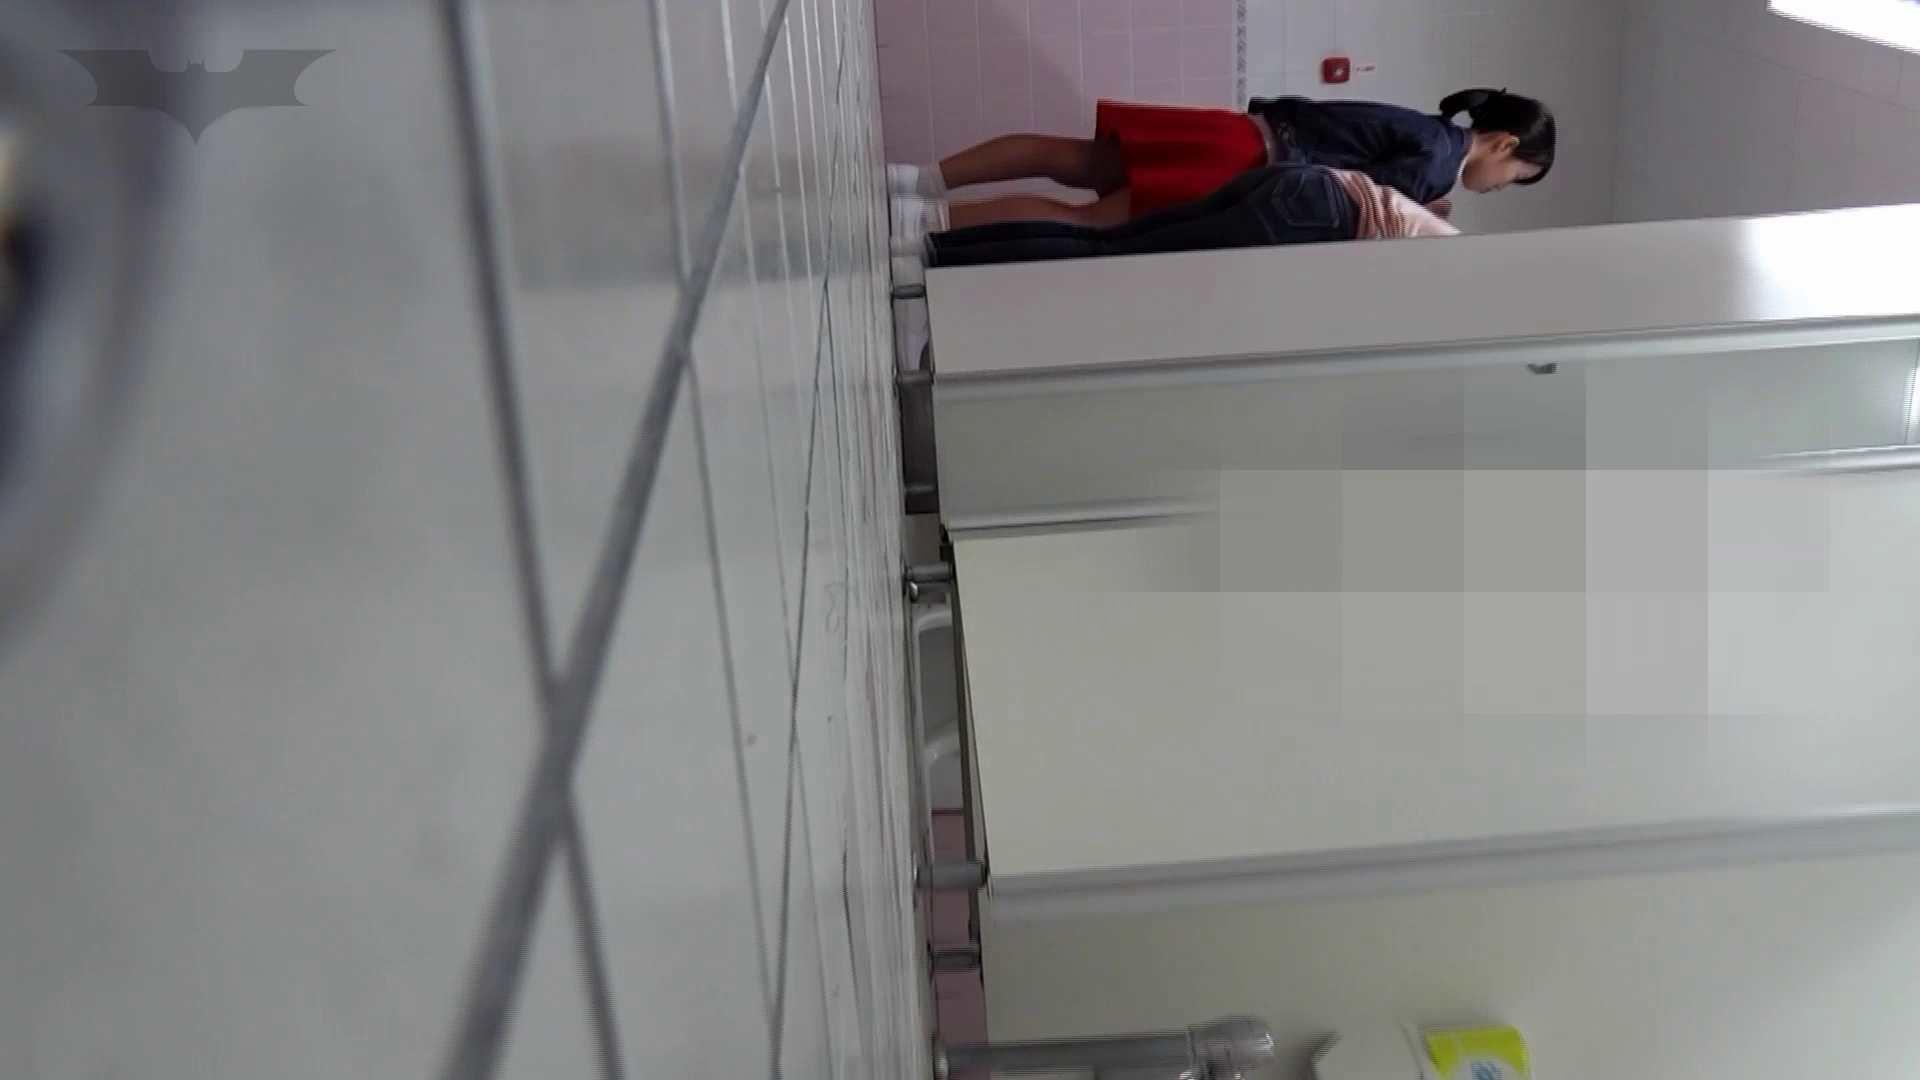 美しい日本の未来 No.31 新しいアングルに挑戦 ギャルの実態   盗撮  67pic 7